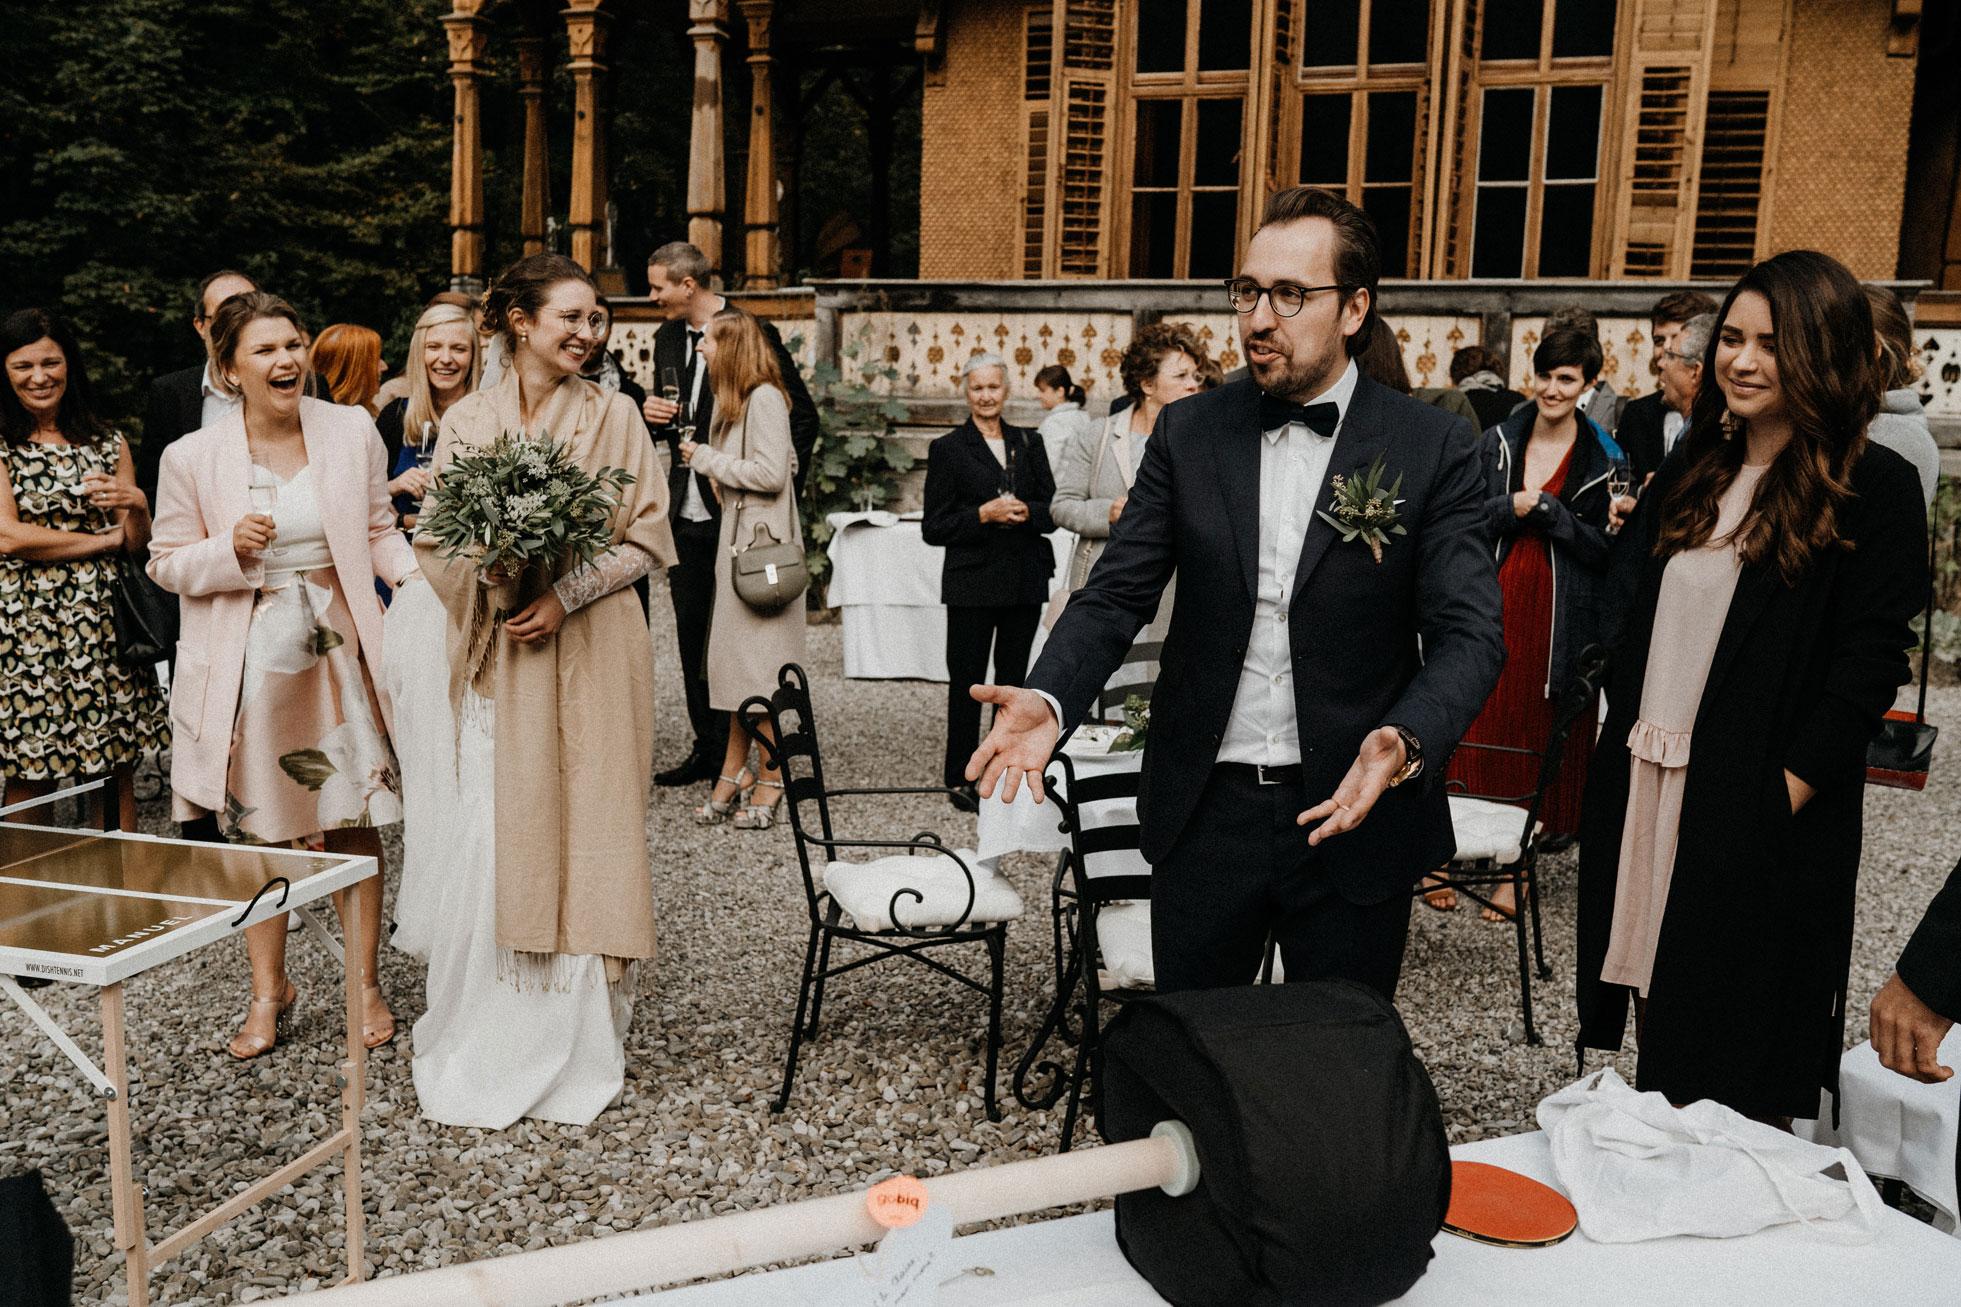 Hochzeit_Claire_Manuel_Villa_Maund_Daniel_Jenny-329.jpg